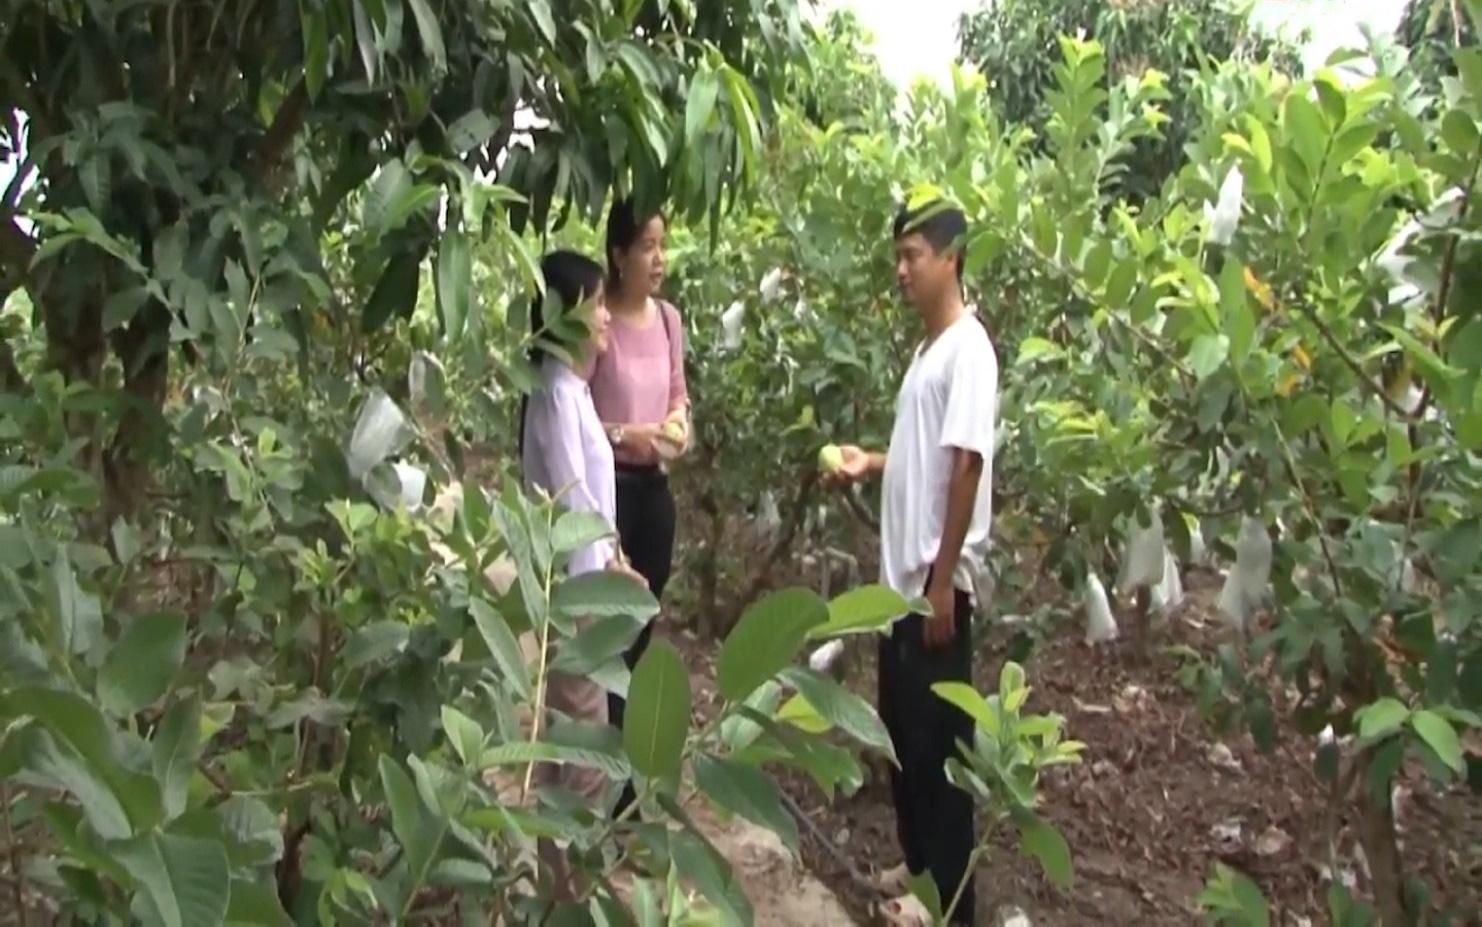 Anh nông dân trồng ổi theo quy trình VietGAP, vườn ổi ngày nào cũng sai trái hơn, đầu ra cũng ngày càng thuận lợi - Ảnh 10.